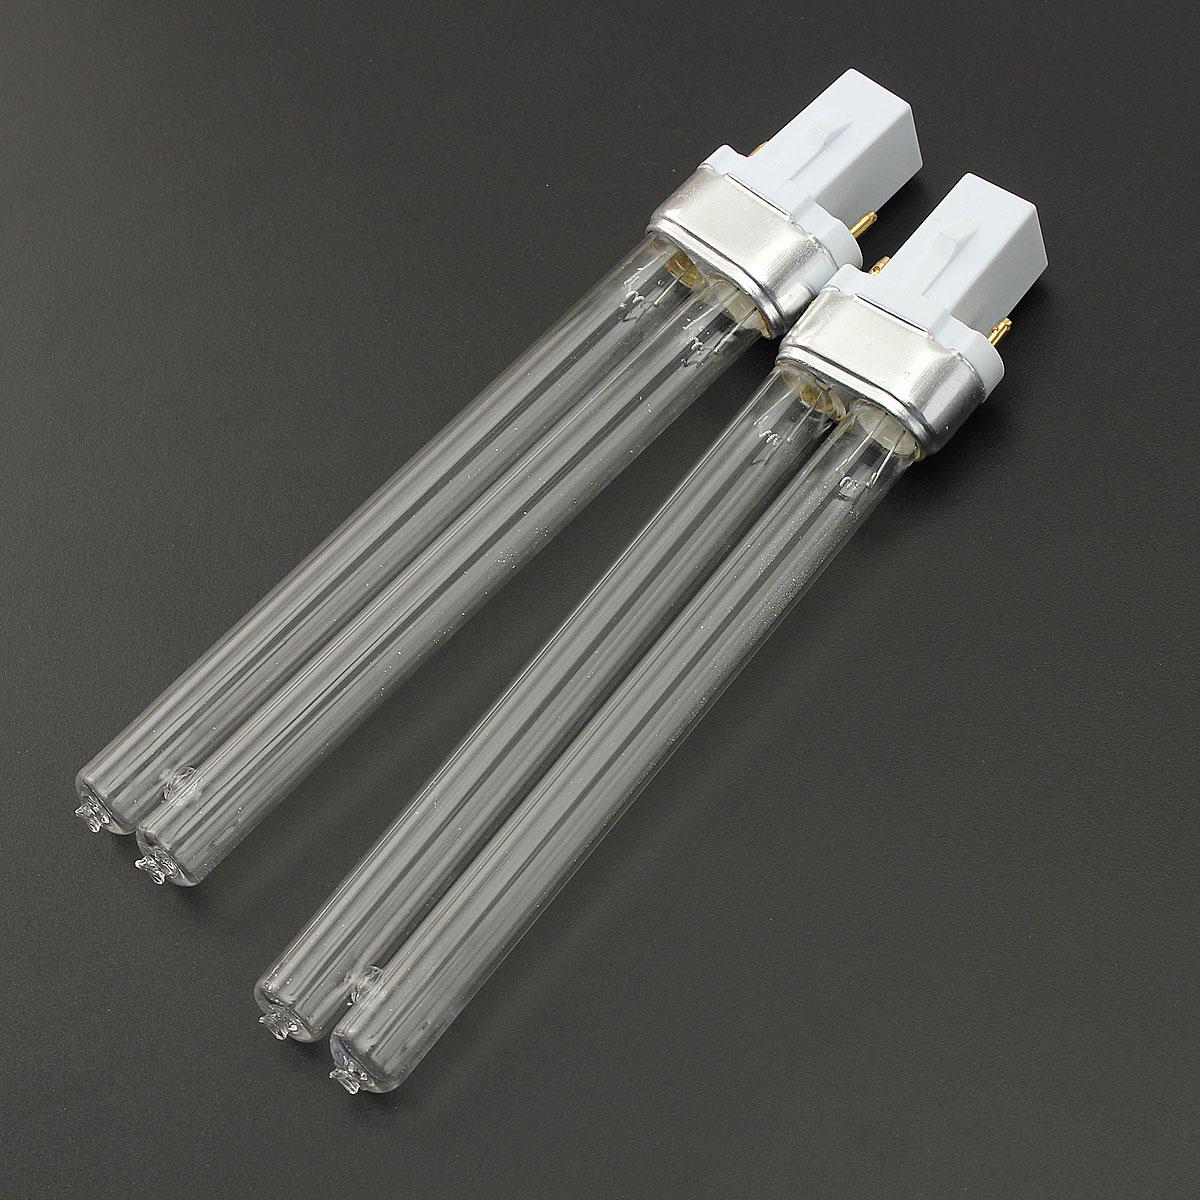 uv light tube for absolute UV canister filter